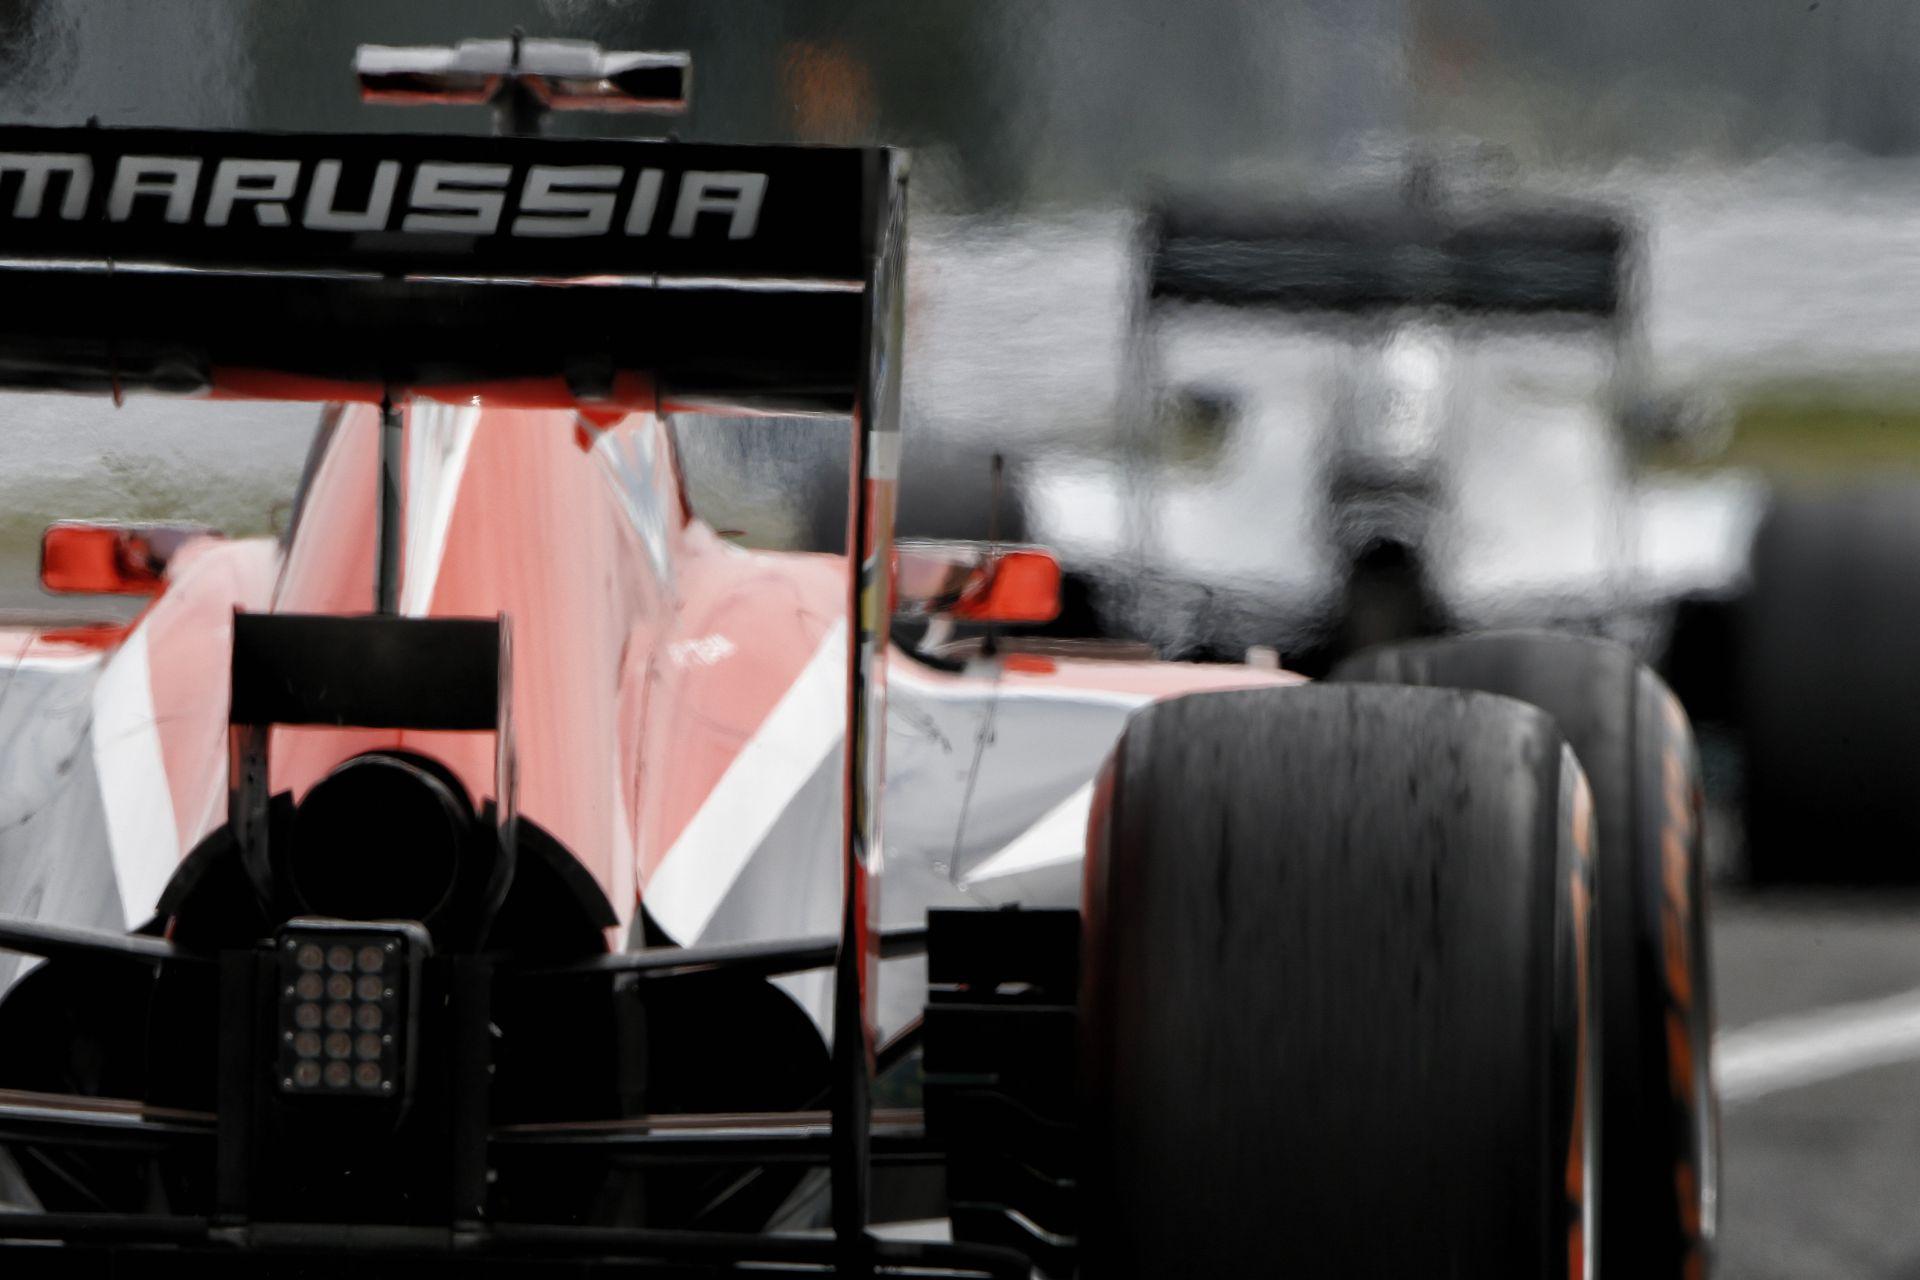 Exkluzív interjú a Marussia magyar tervező mérnökével! Csütörtökön eldőlhet a csapat jövője!